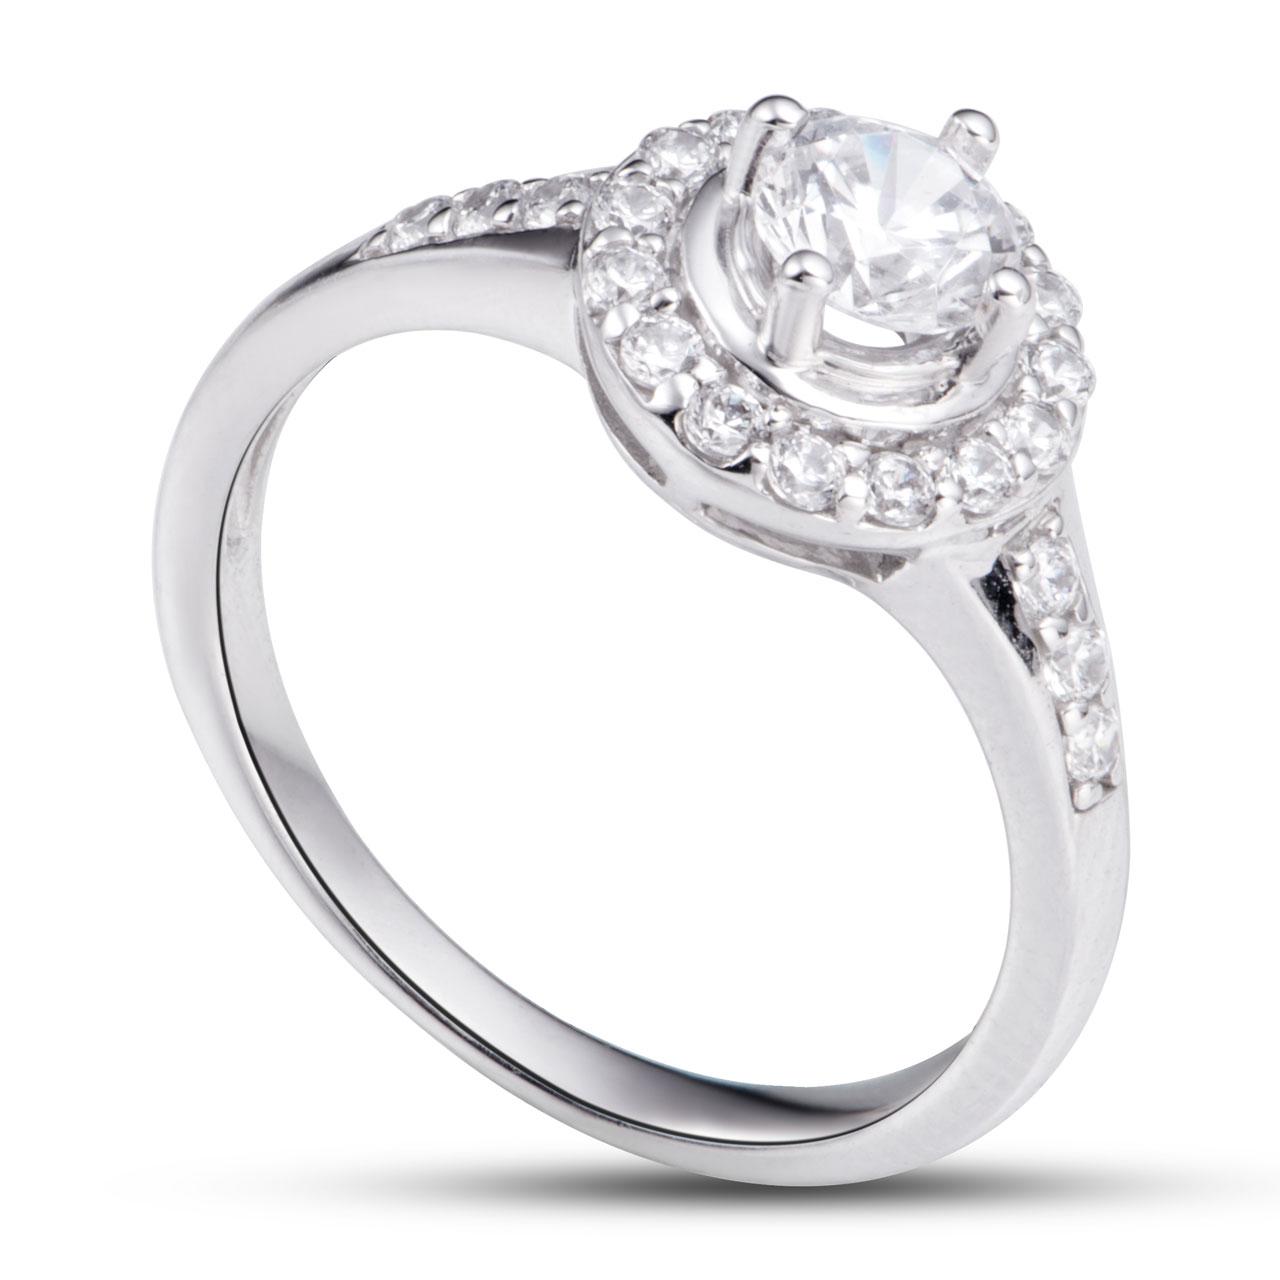 Nhẫn bạc PNJSilver đính đá 12300.100 - 3828858 , SND2KN12300_100 , 274_SND2KN12300_100_9 , 406000 , Nhan-bac-PNJSilver-dinh-da-12300.100-274_SND2KN12300_100_9 , pnj.com.vn , Nhẫn bạc PNJSilver đính đá 12300.100